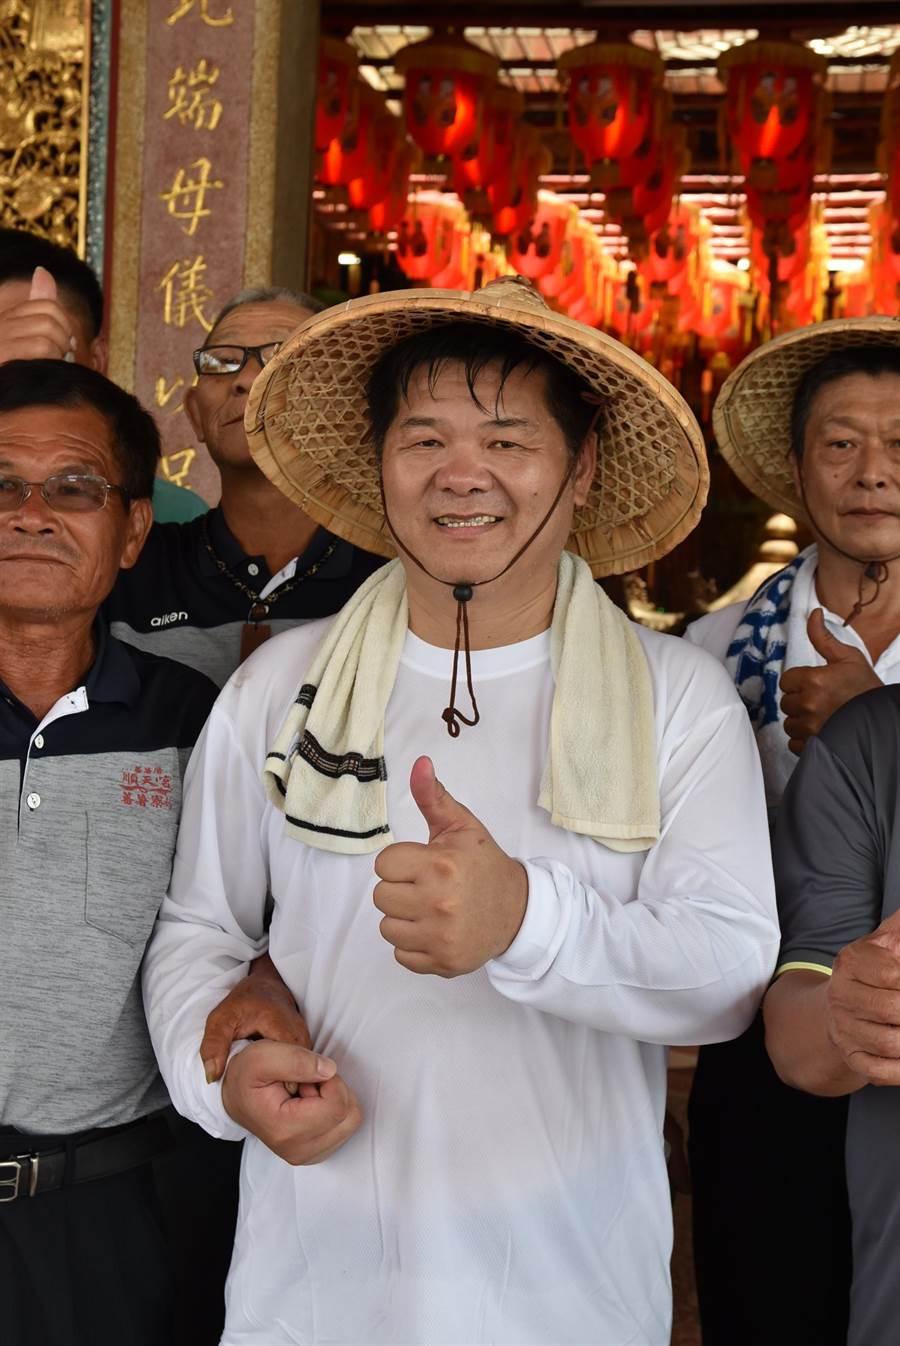 許忠富獲得蘇治芬推薦,並獲得民進黨提名參選下屆雲林縣海線立委選舉。(周麗蘭攝)